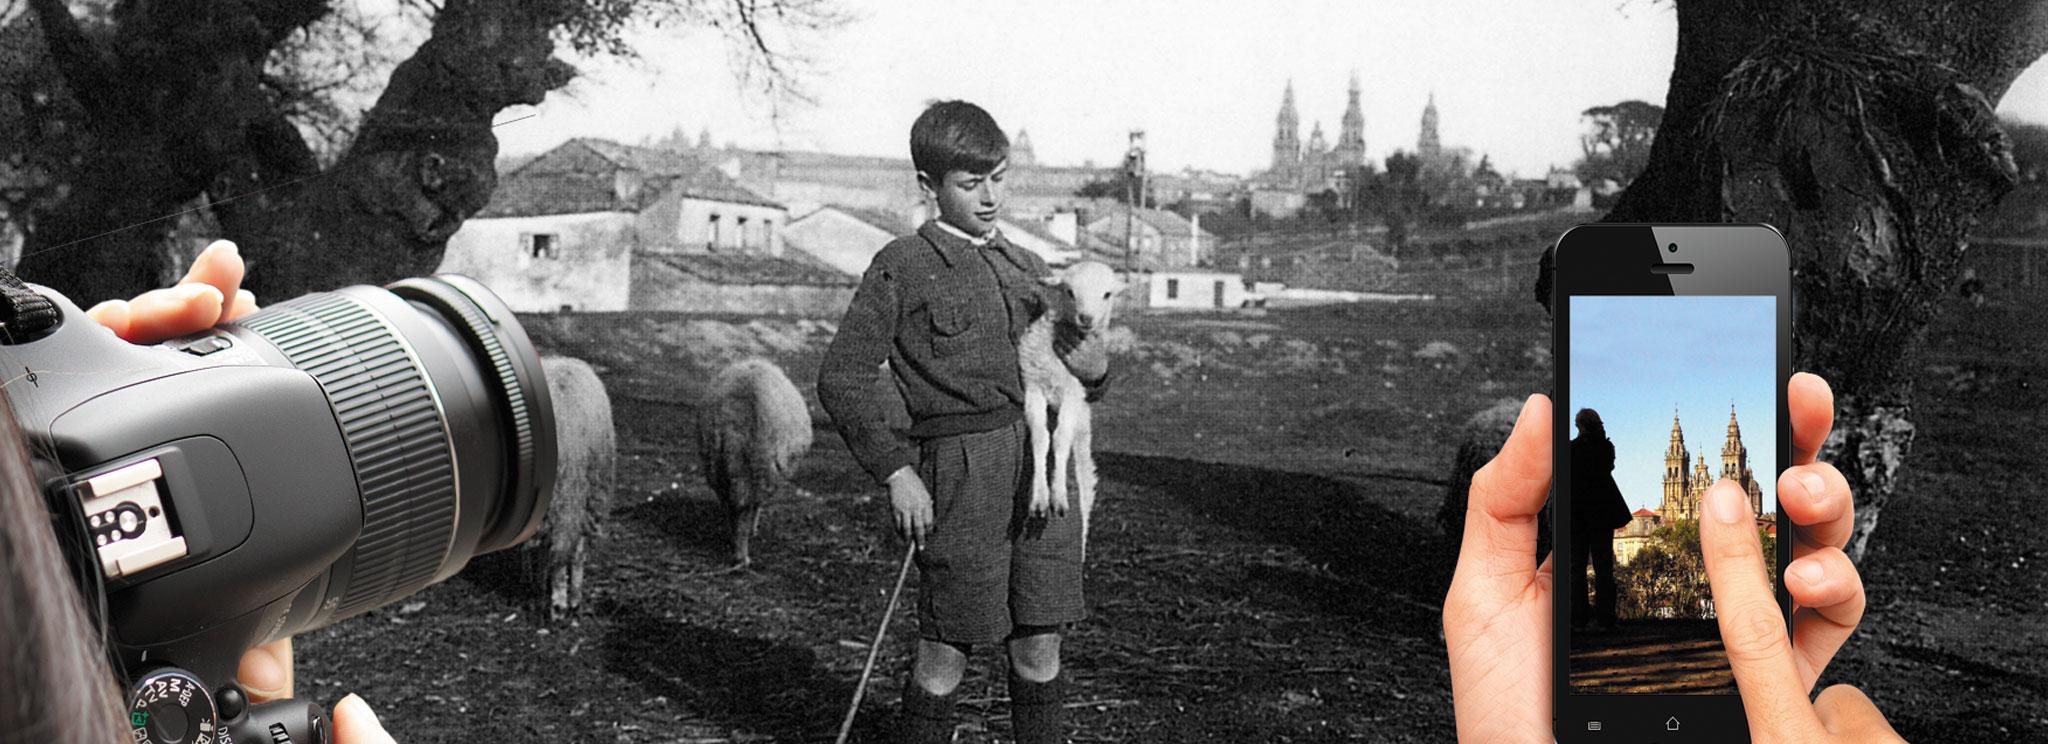 FOCUS Compostela: Visitas histórico-fotográficas (o al revés)